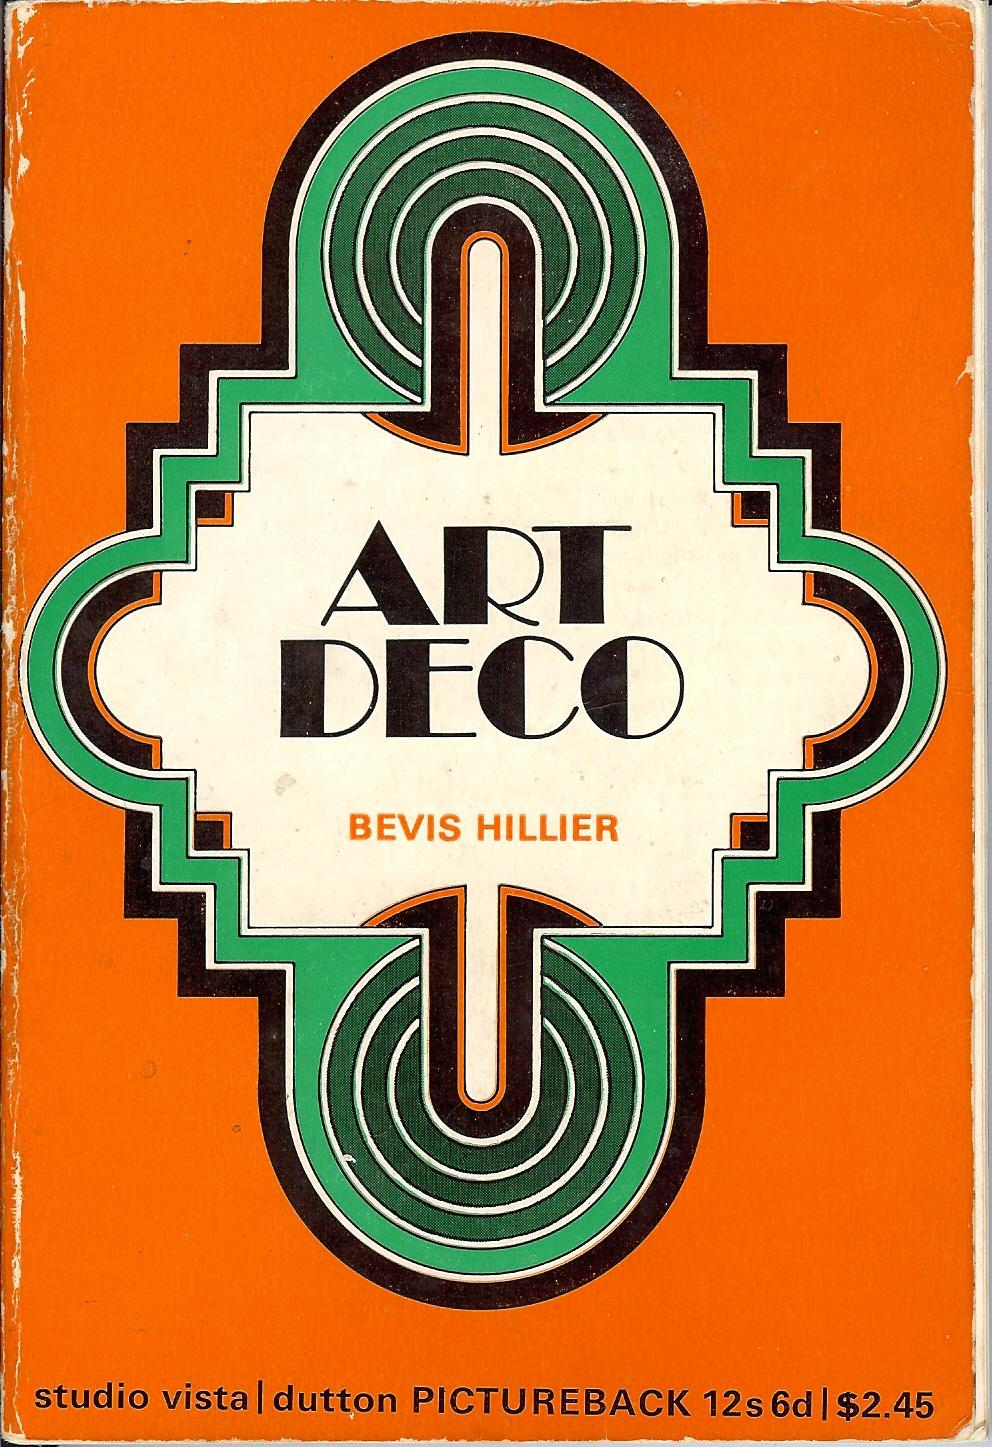 Art Deco by Bevis Hillier